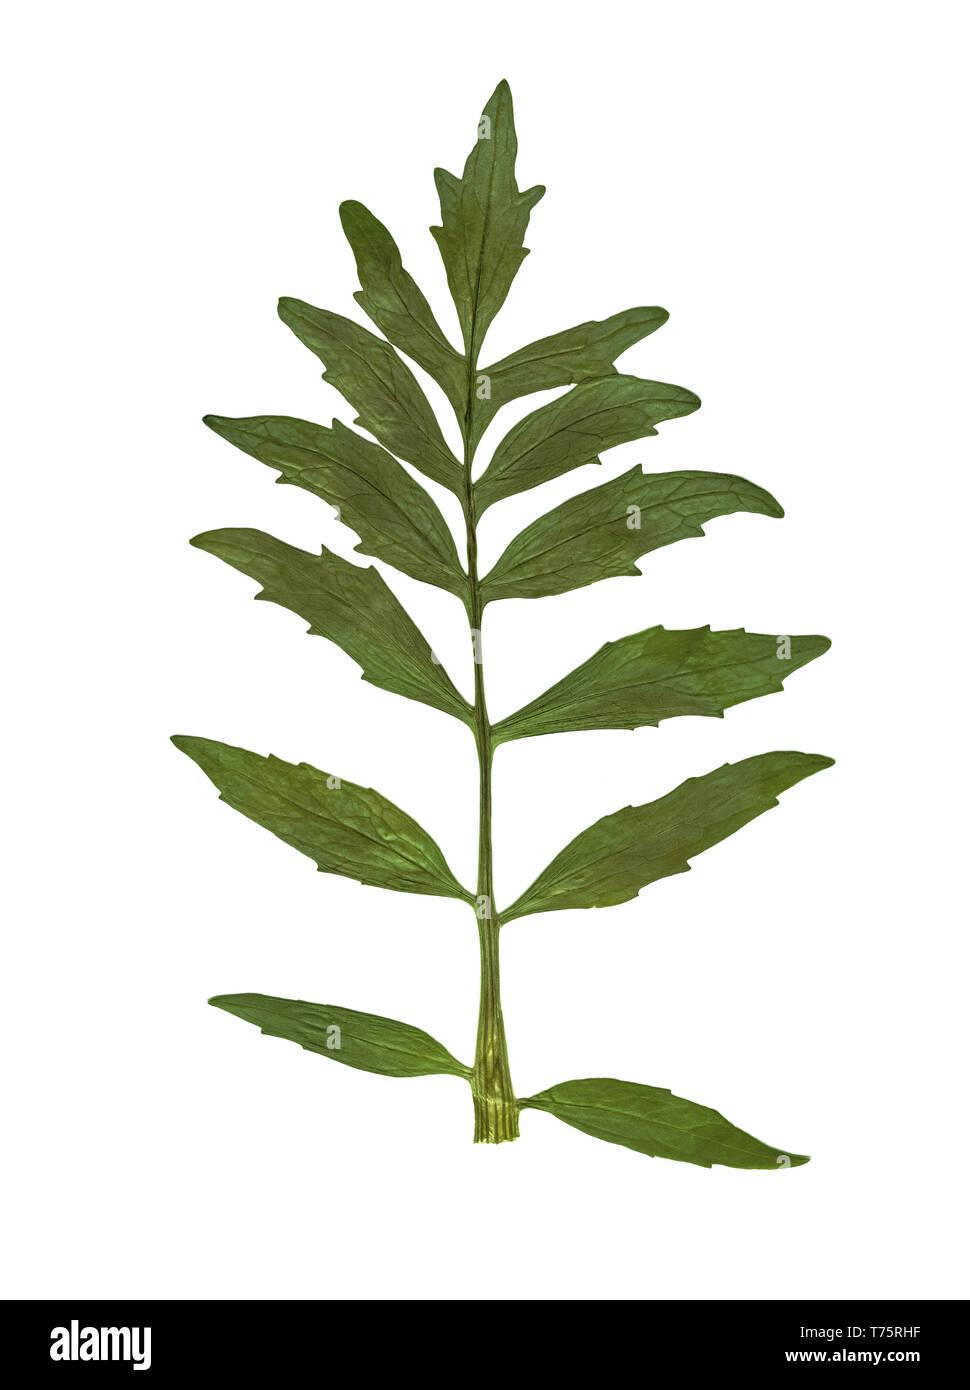 Herbier. Enfoncée et feuilles séchées sur un fond blanc. Photo Stock